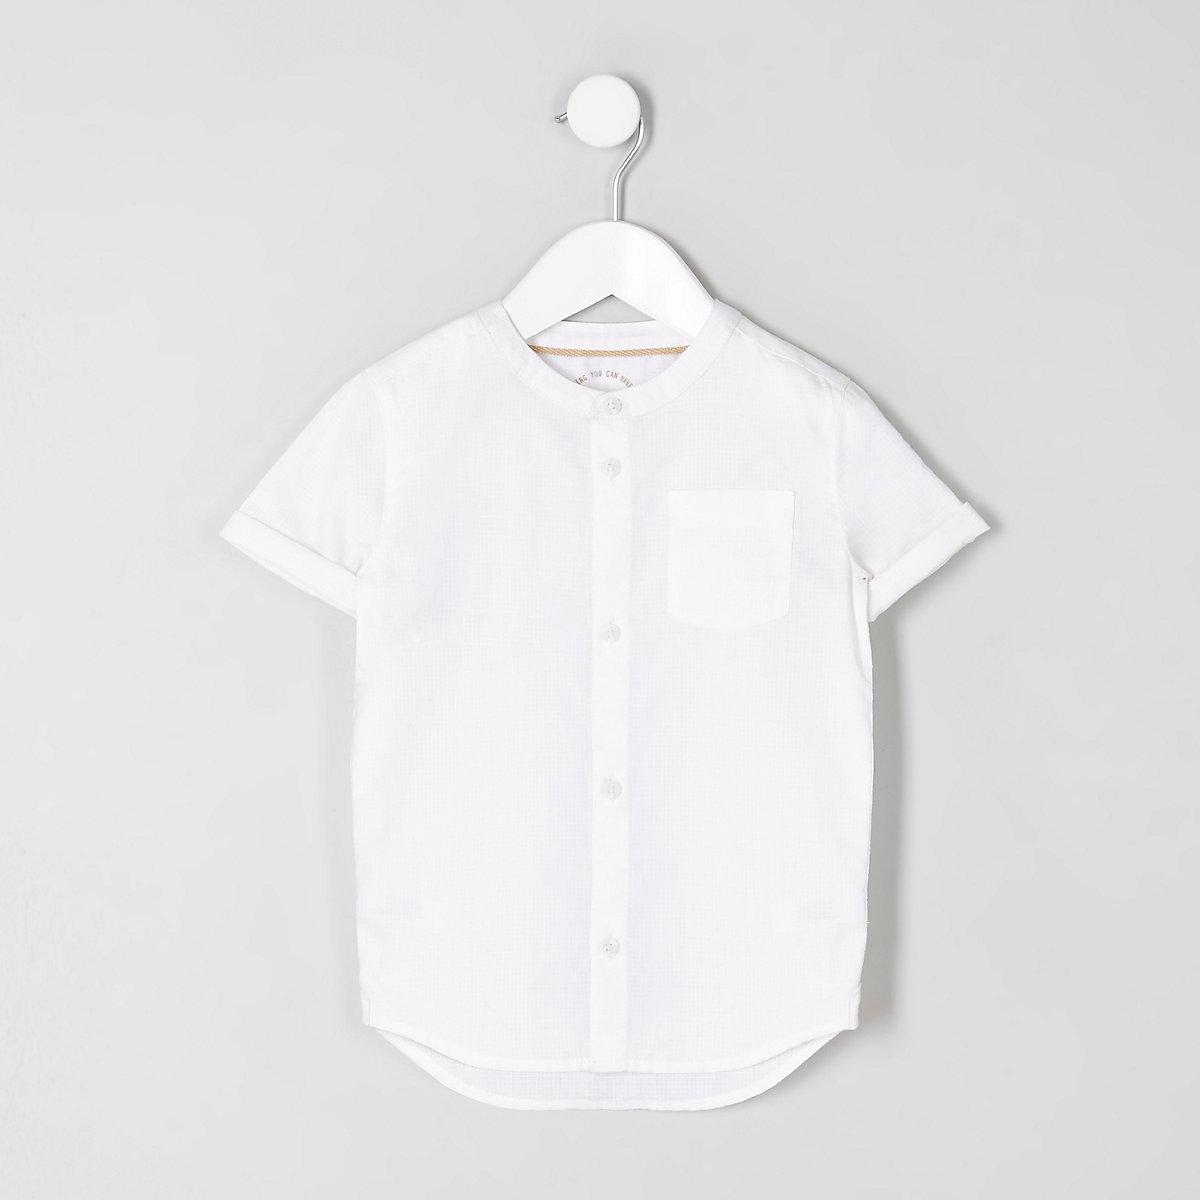 Chemise blanche à manches courtes et col officier mini garçon